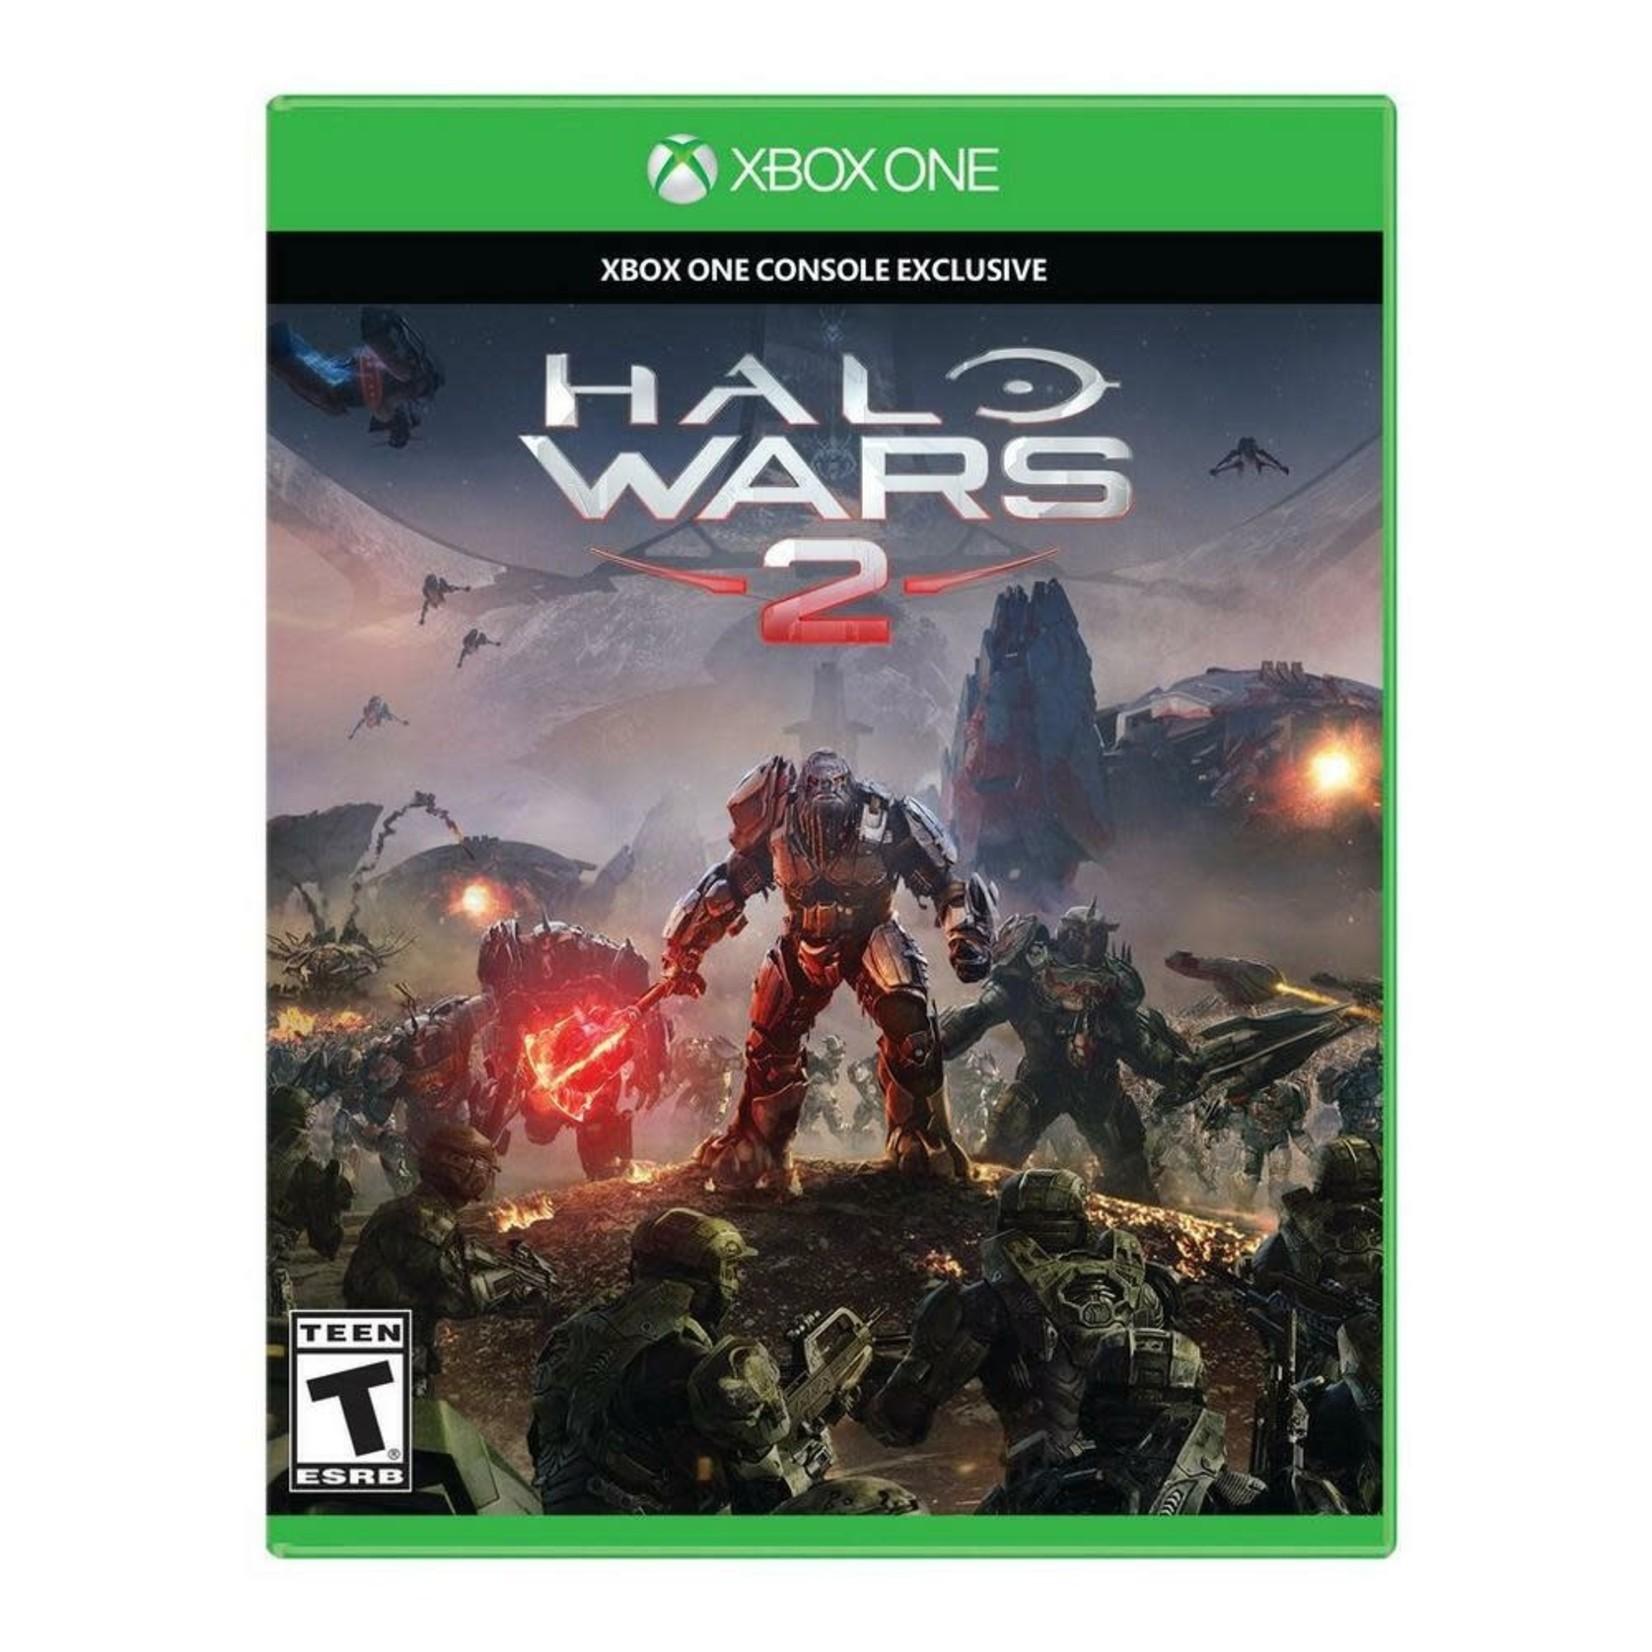 XB1U-Halo Wars 2